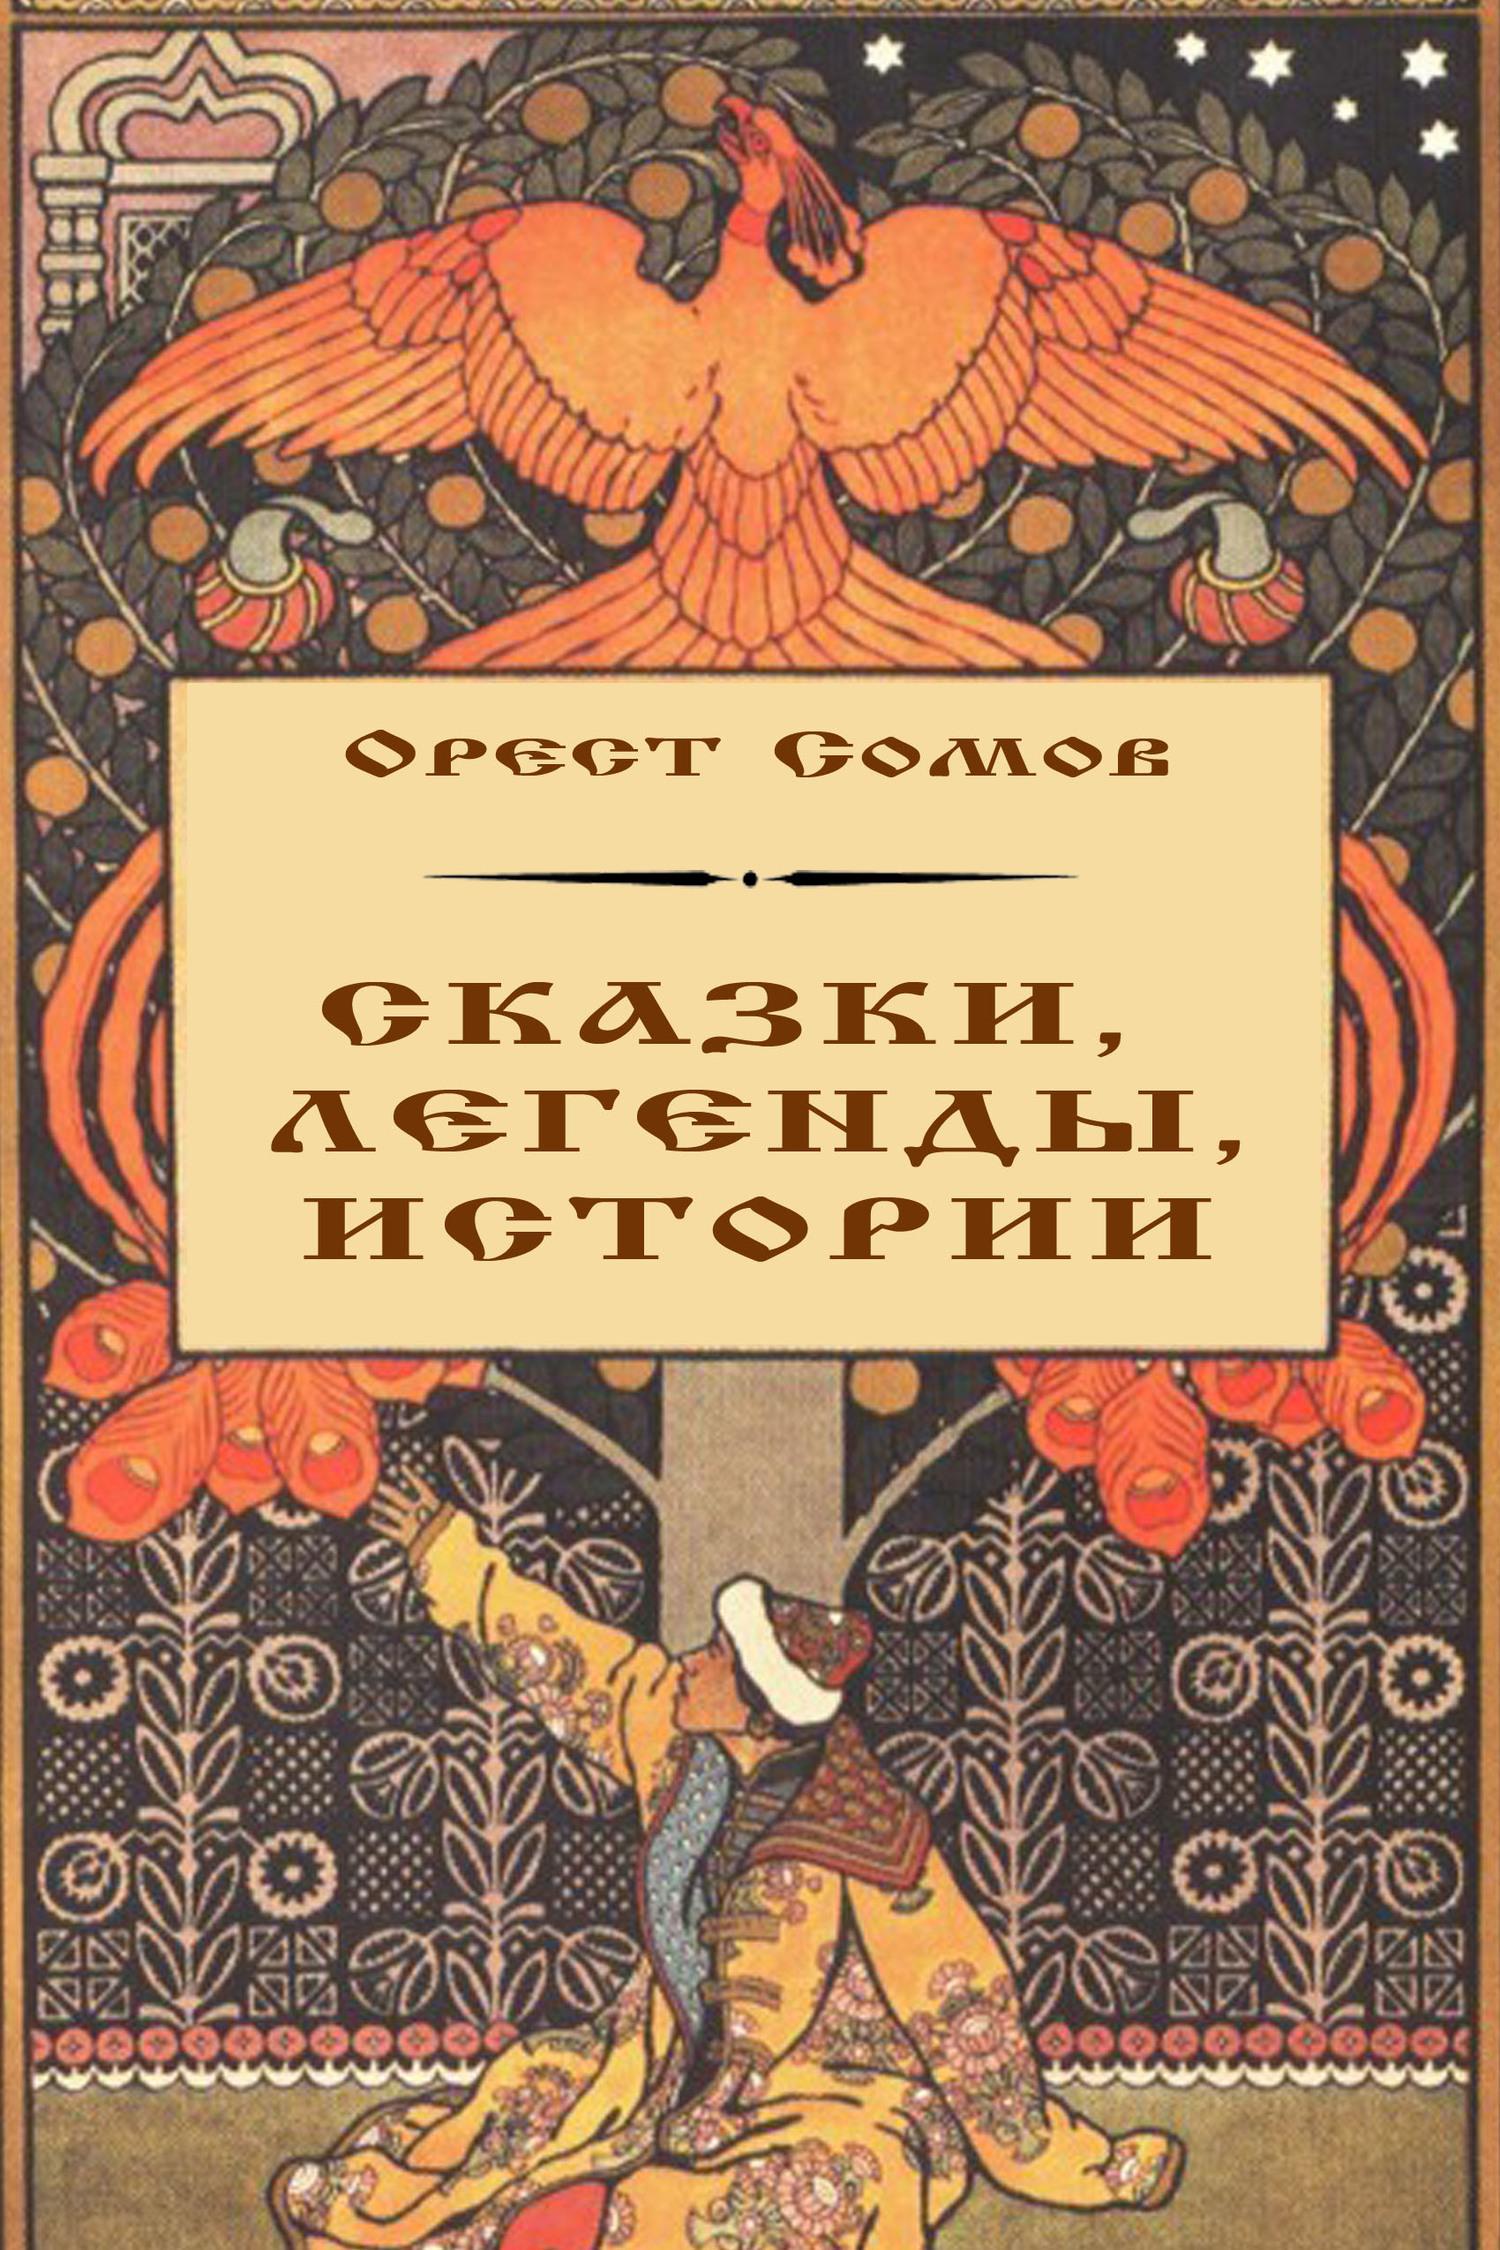 Орест Сомов. Сказки, легенды, истории